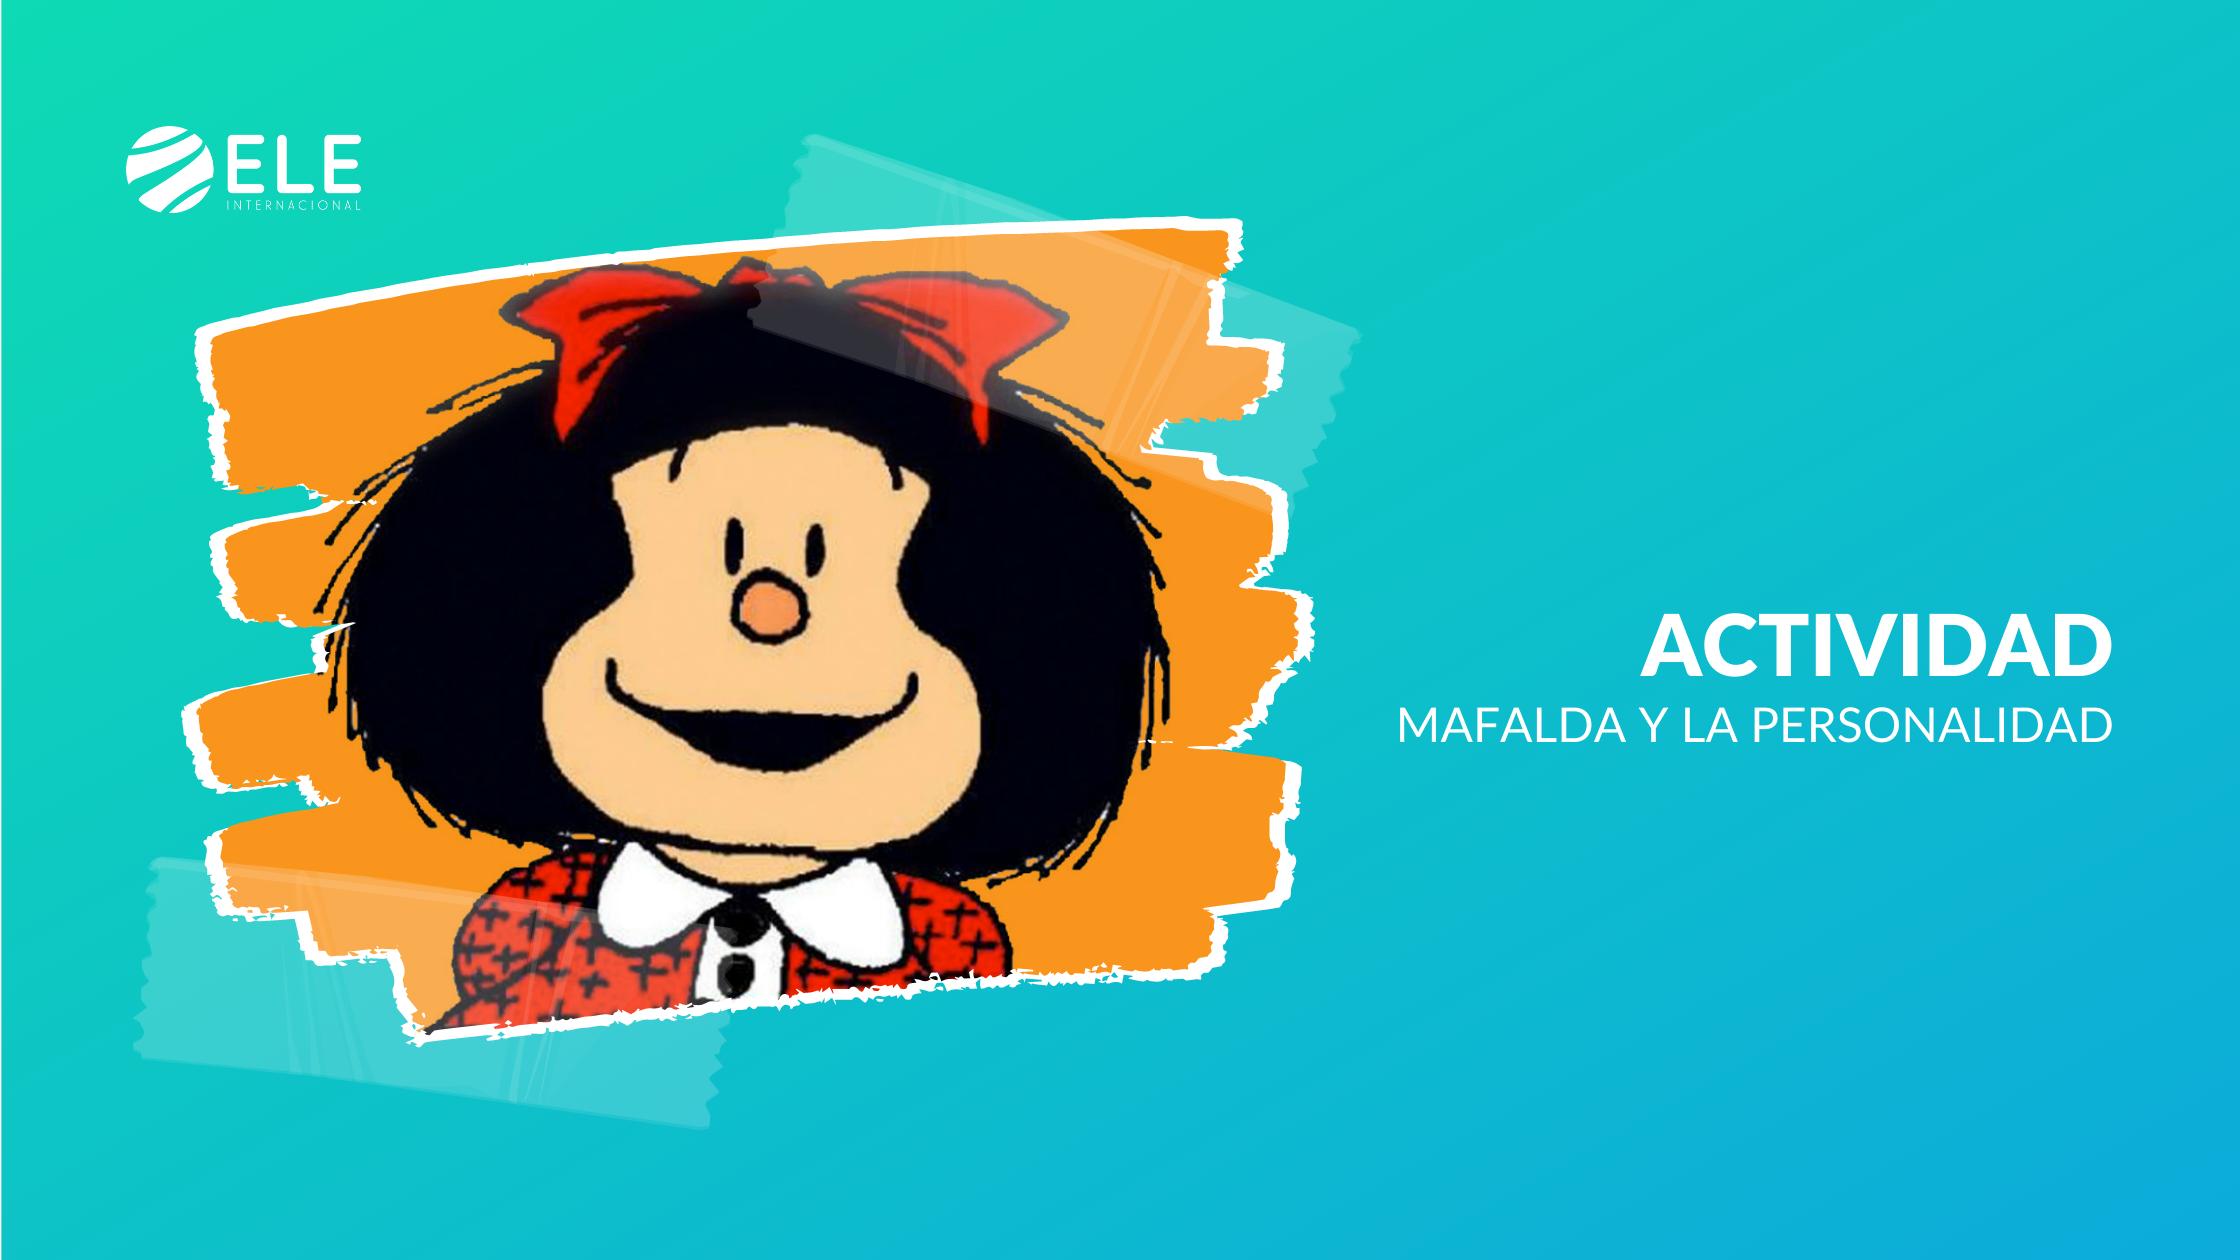 Mafalda y la personalidad